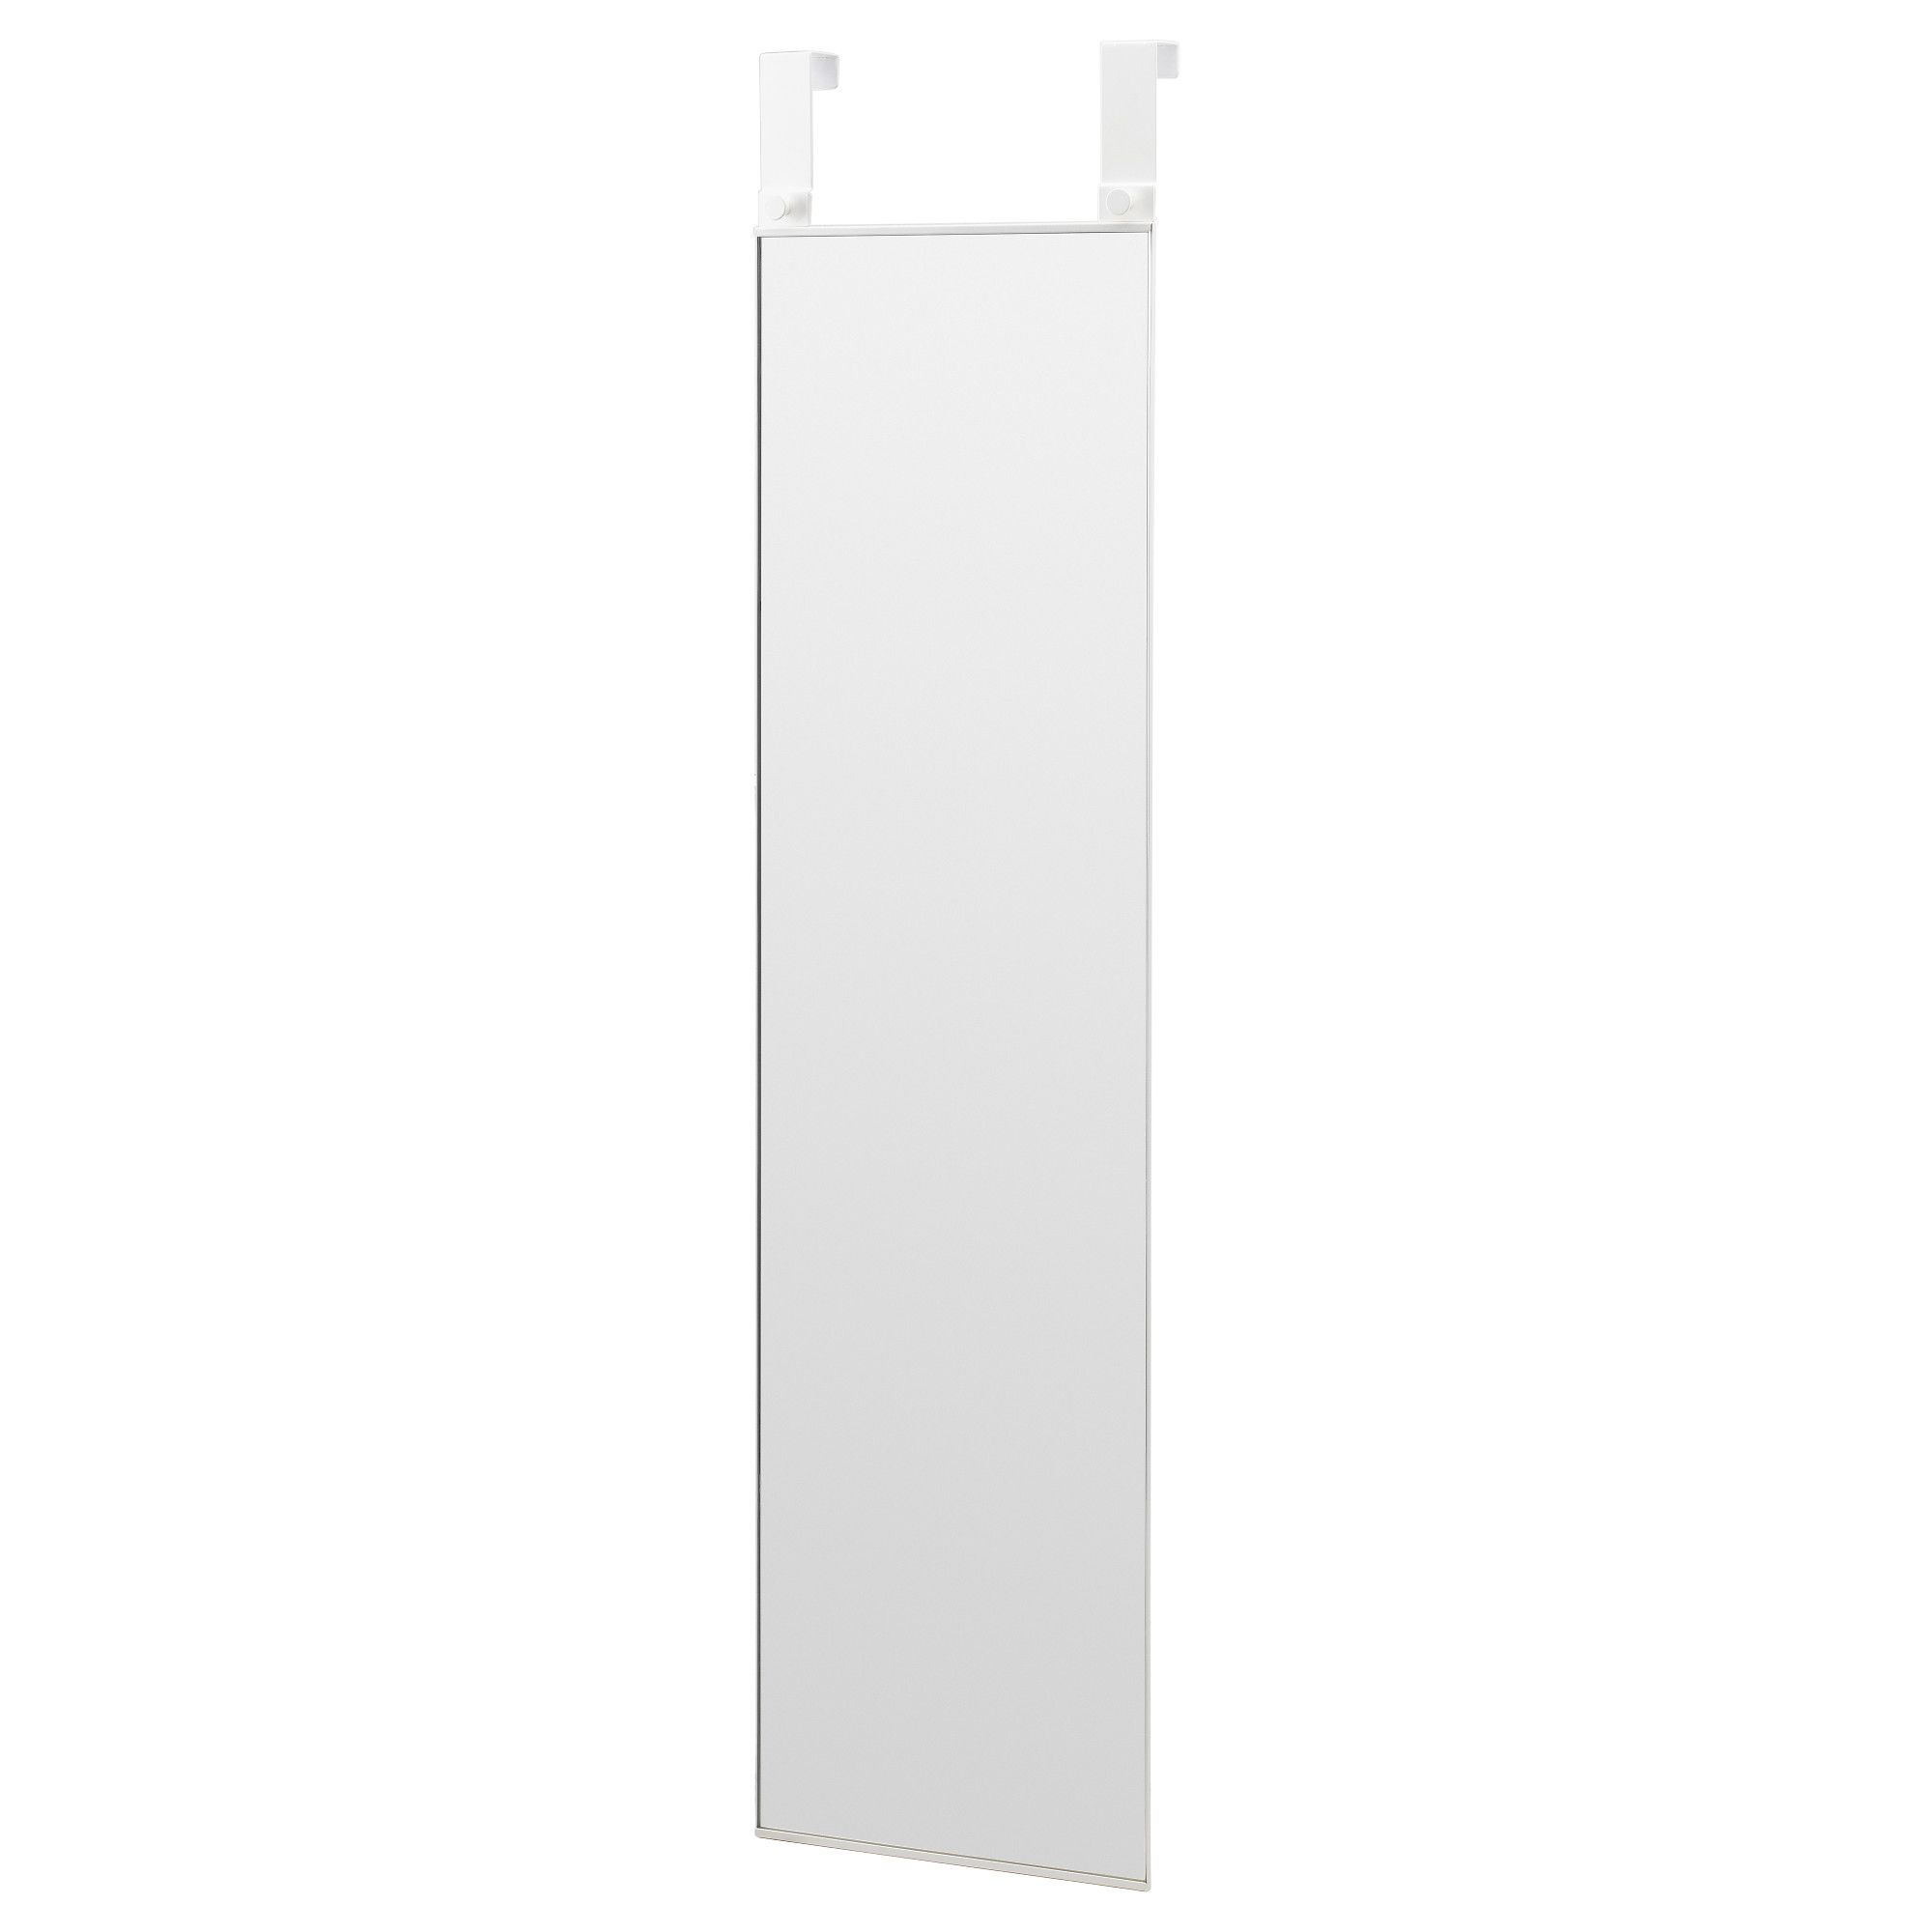 GARNES Over The Door Mirror   IKEA